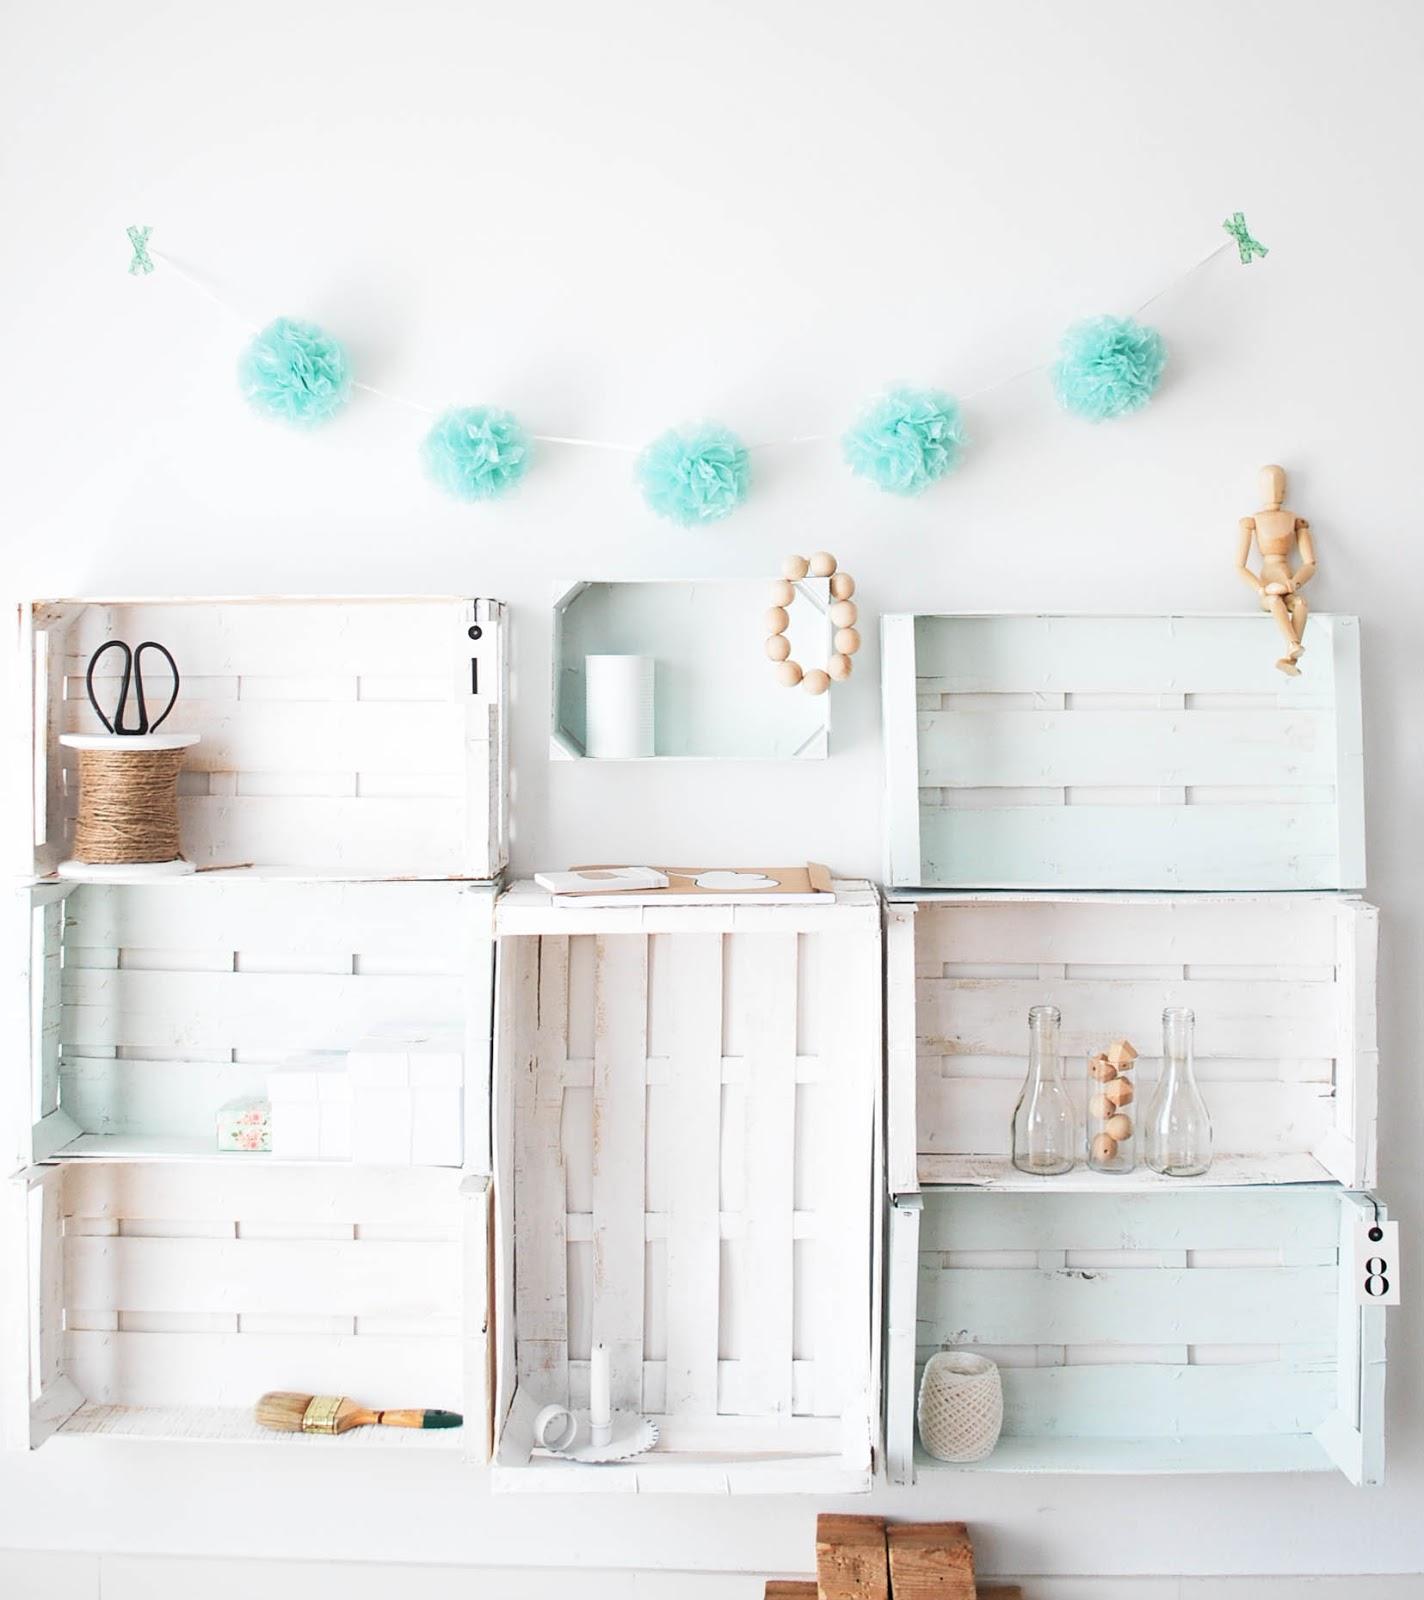 Diy organizar con cajas de fruta recicladas blog - Donde decorar fotos ...